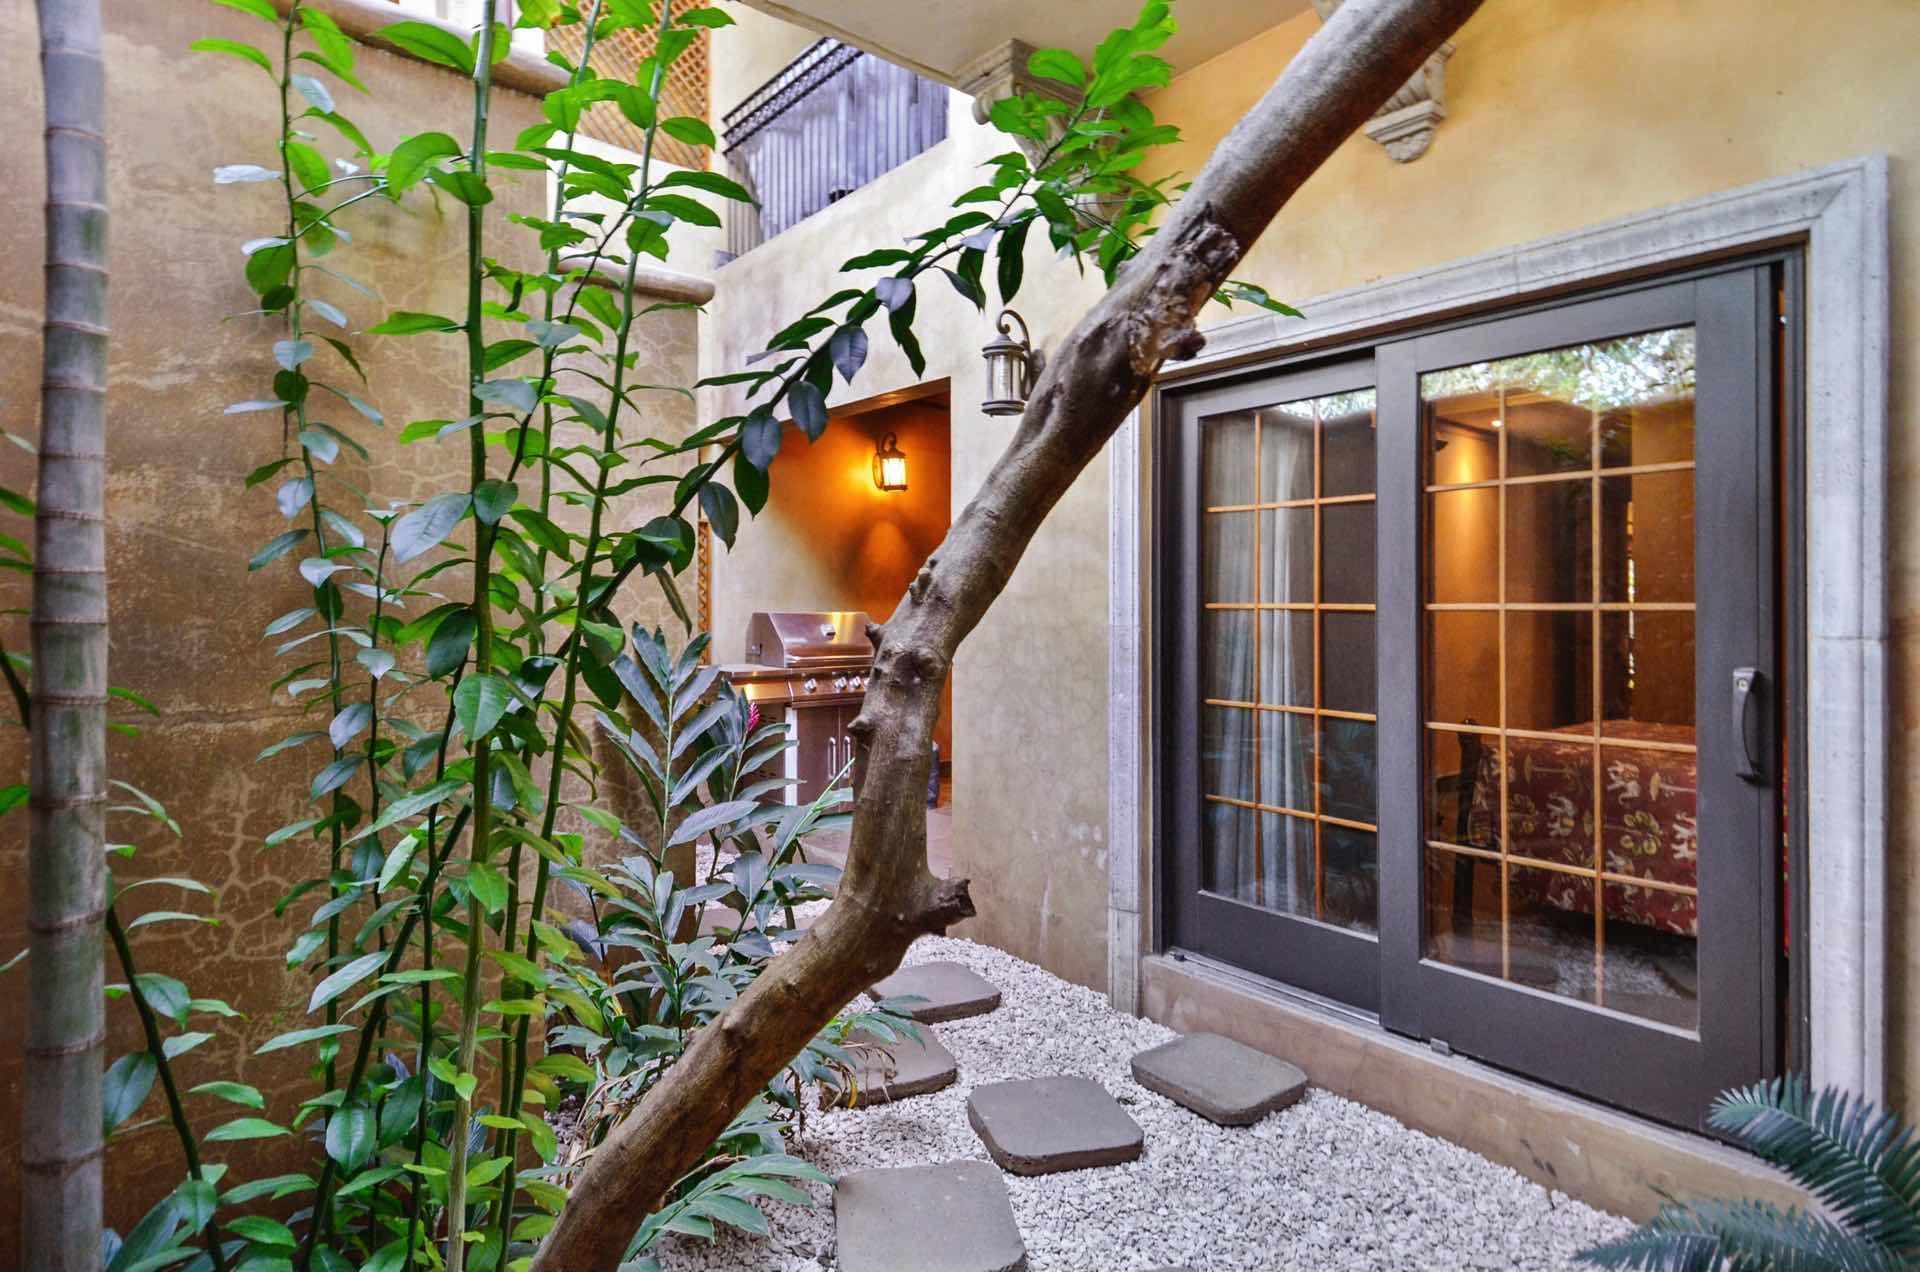 Small garden patio behind La Esquina #1